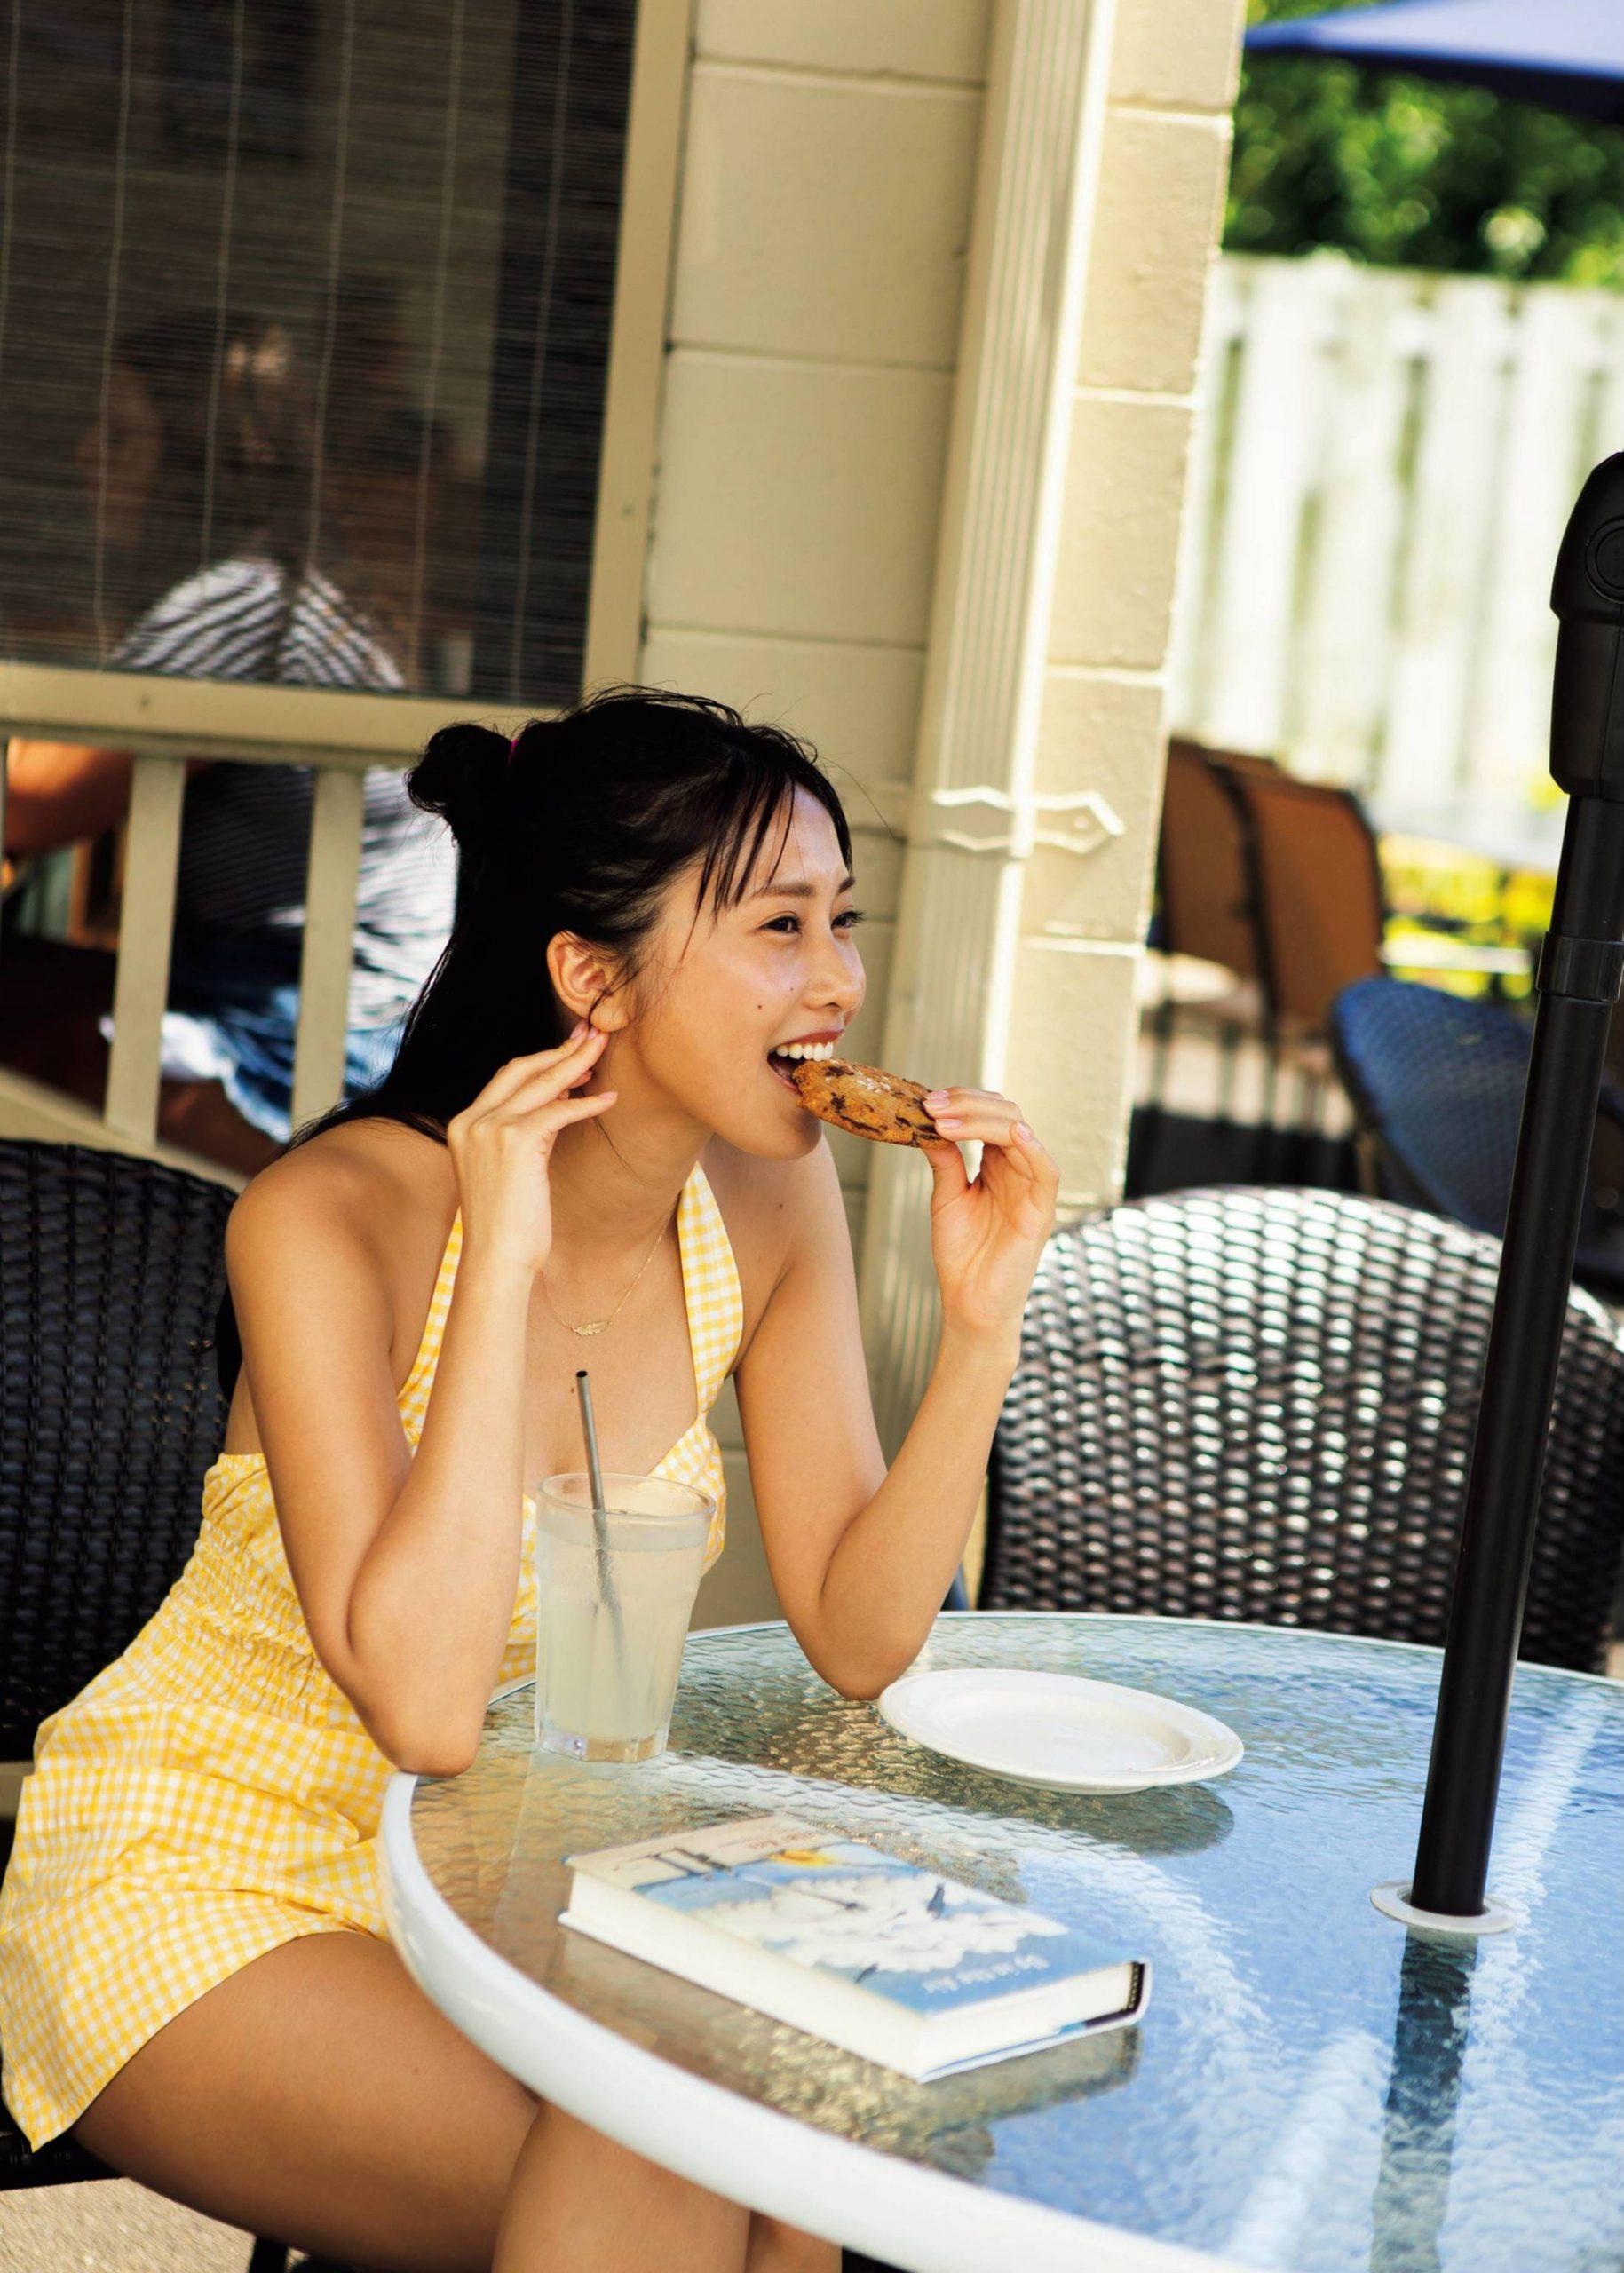 グラビアアイドル写真集 史上最高峰のヘルシー美ボディ抜群のスタイルとキュートなルックスの佐野ひなこ高画質グラビア画像まとめ8 100枚